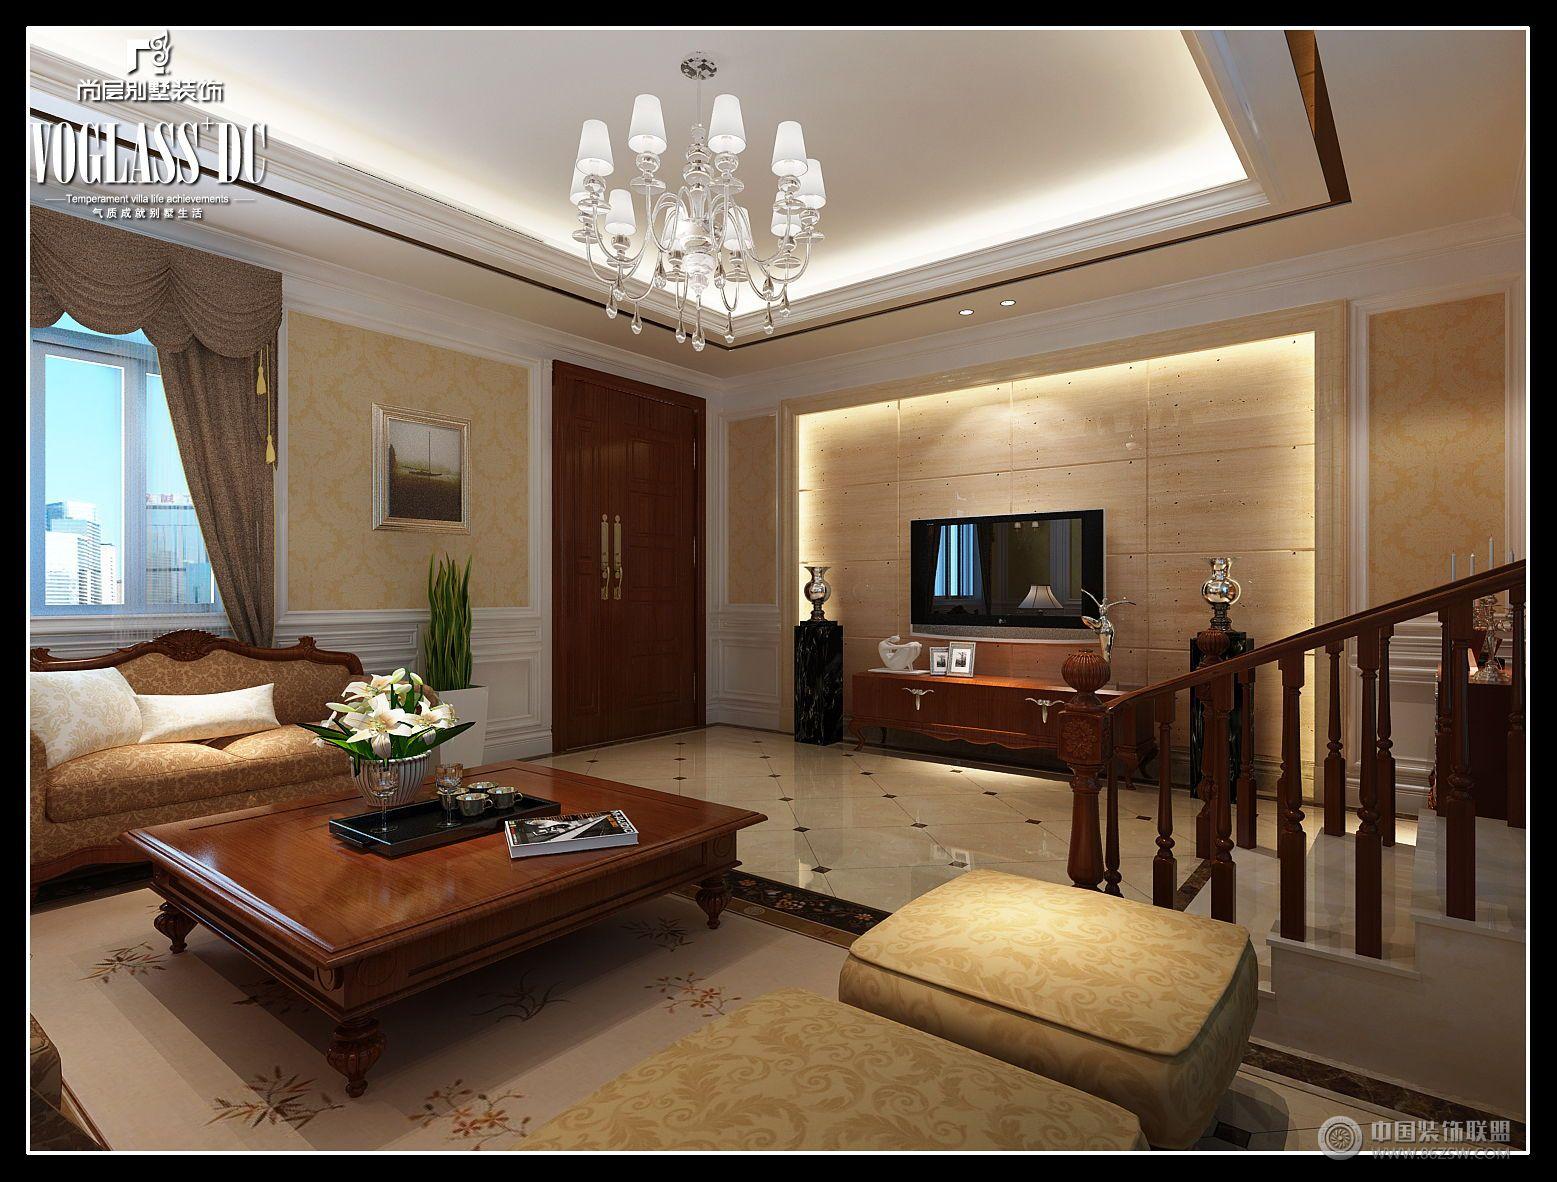 中海独墅岛-客厅装修效果图-八六(中国)装饰联盟装修